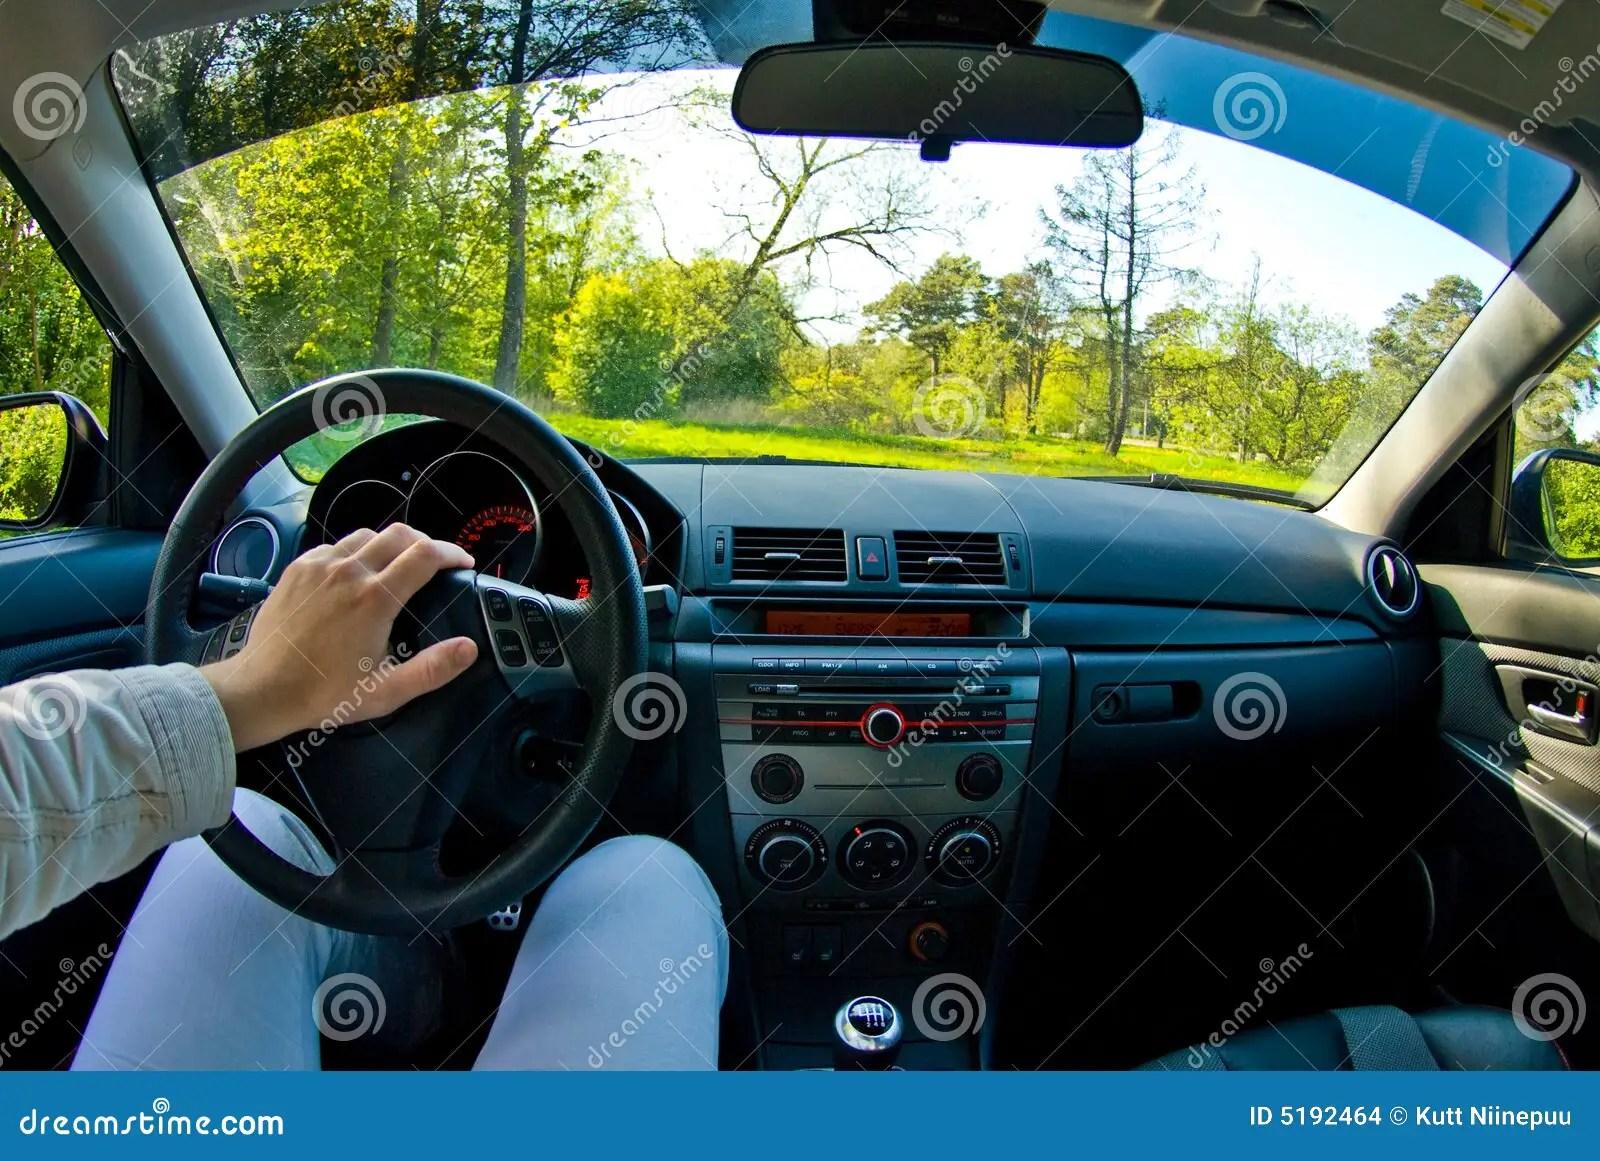 Audio Car Wallpaper Download Dentro De Um Carro Foto De Stock Imagem De Inside Tarde